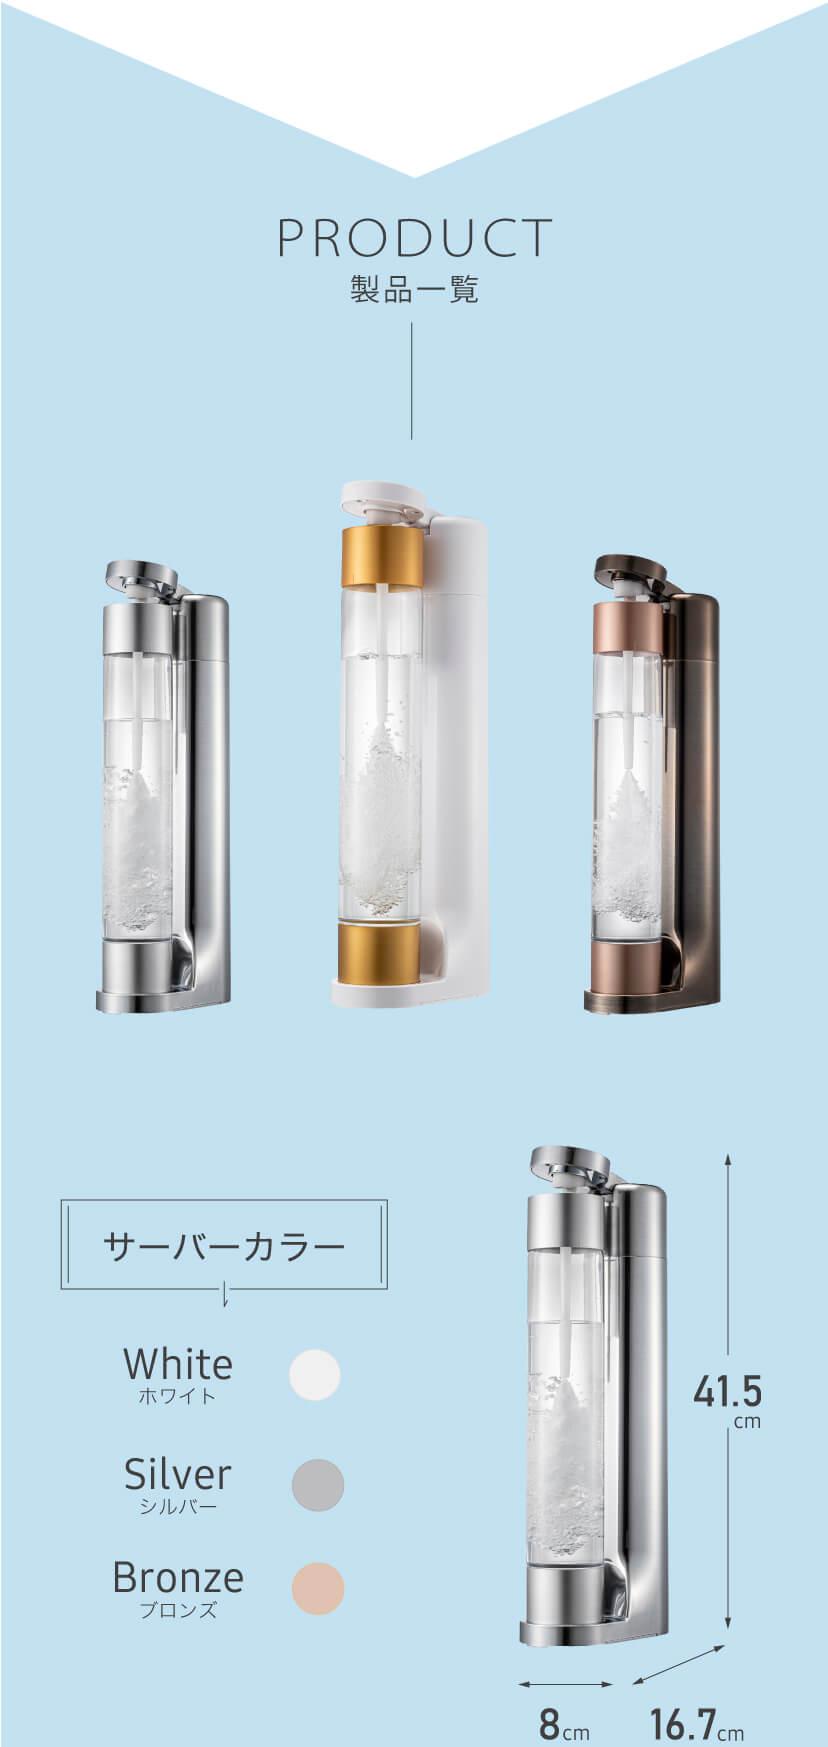 炭酸水メーカーe-soda drink(イーソーダ)のカラー3色